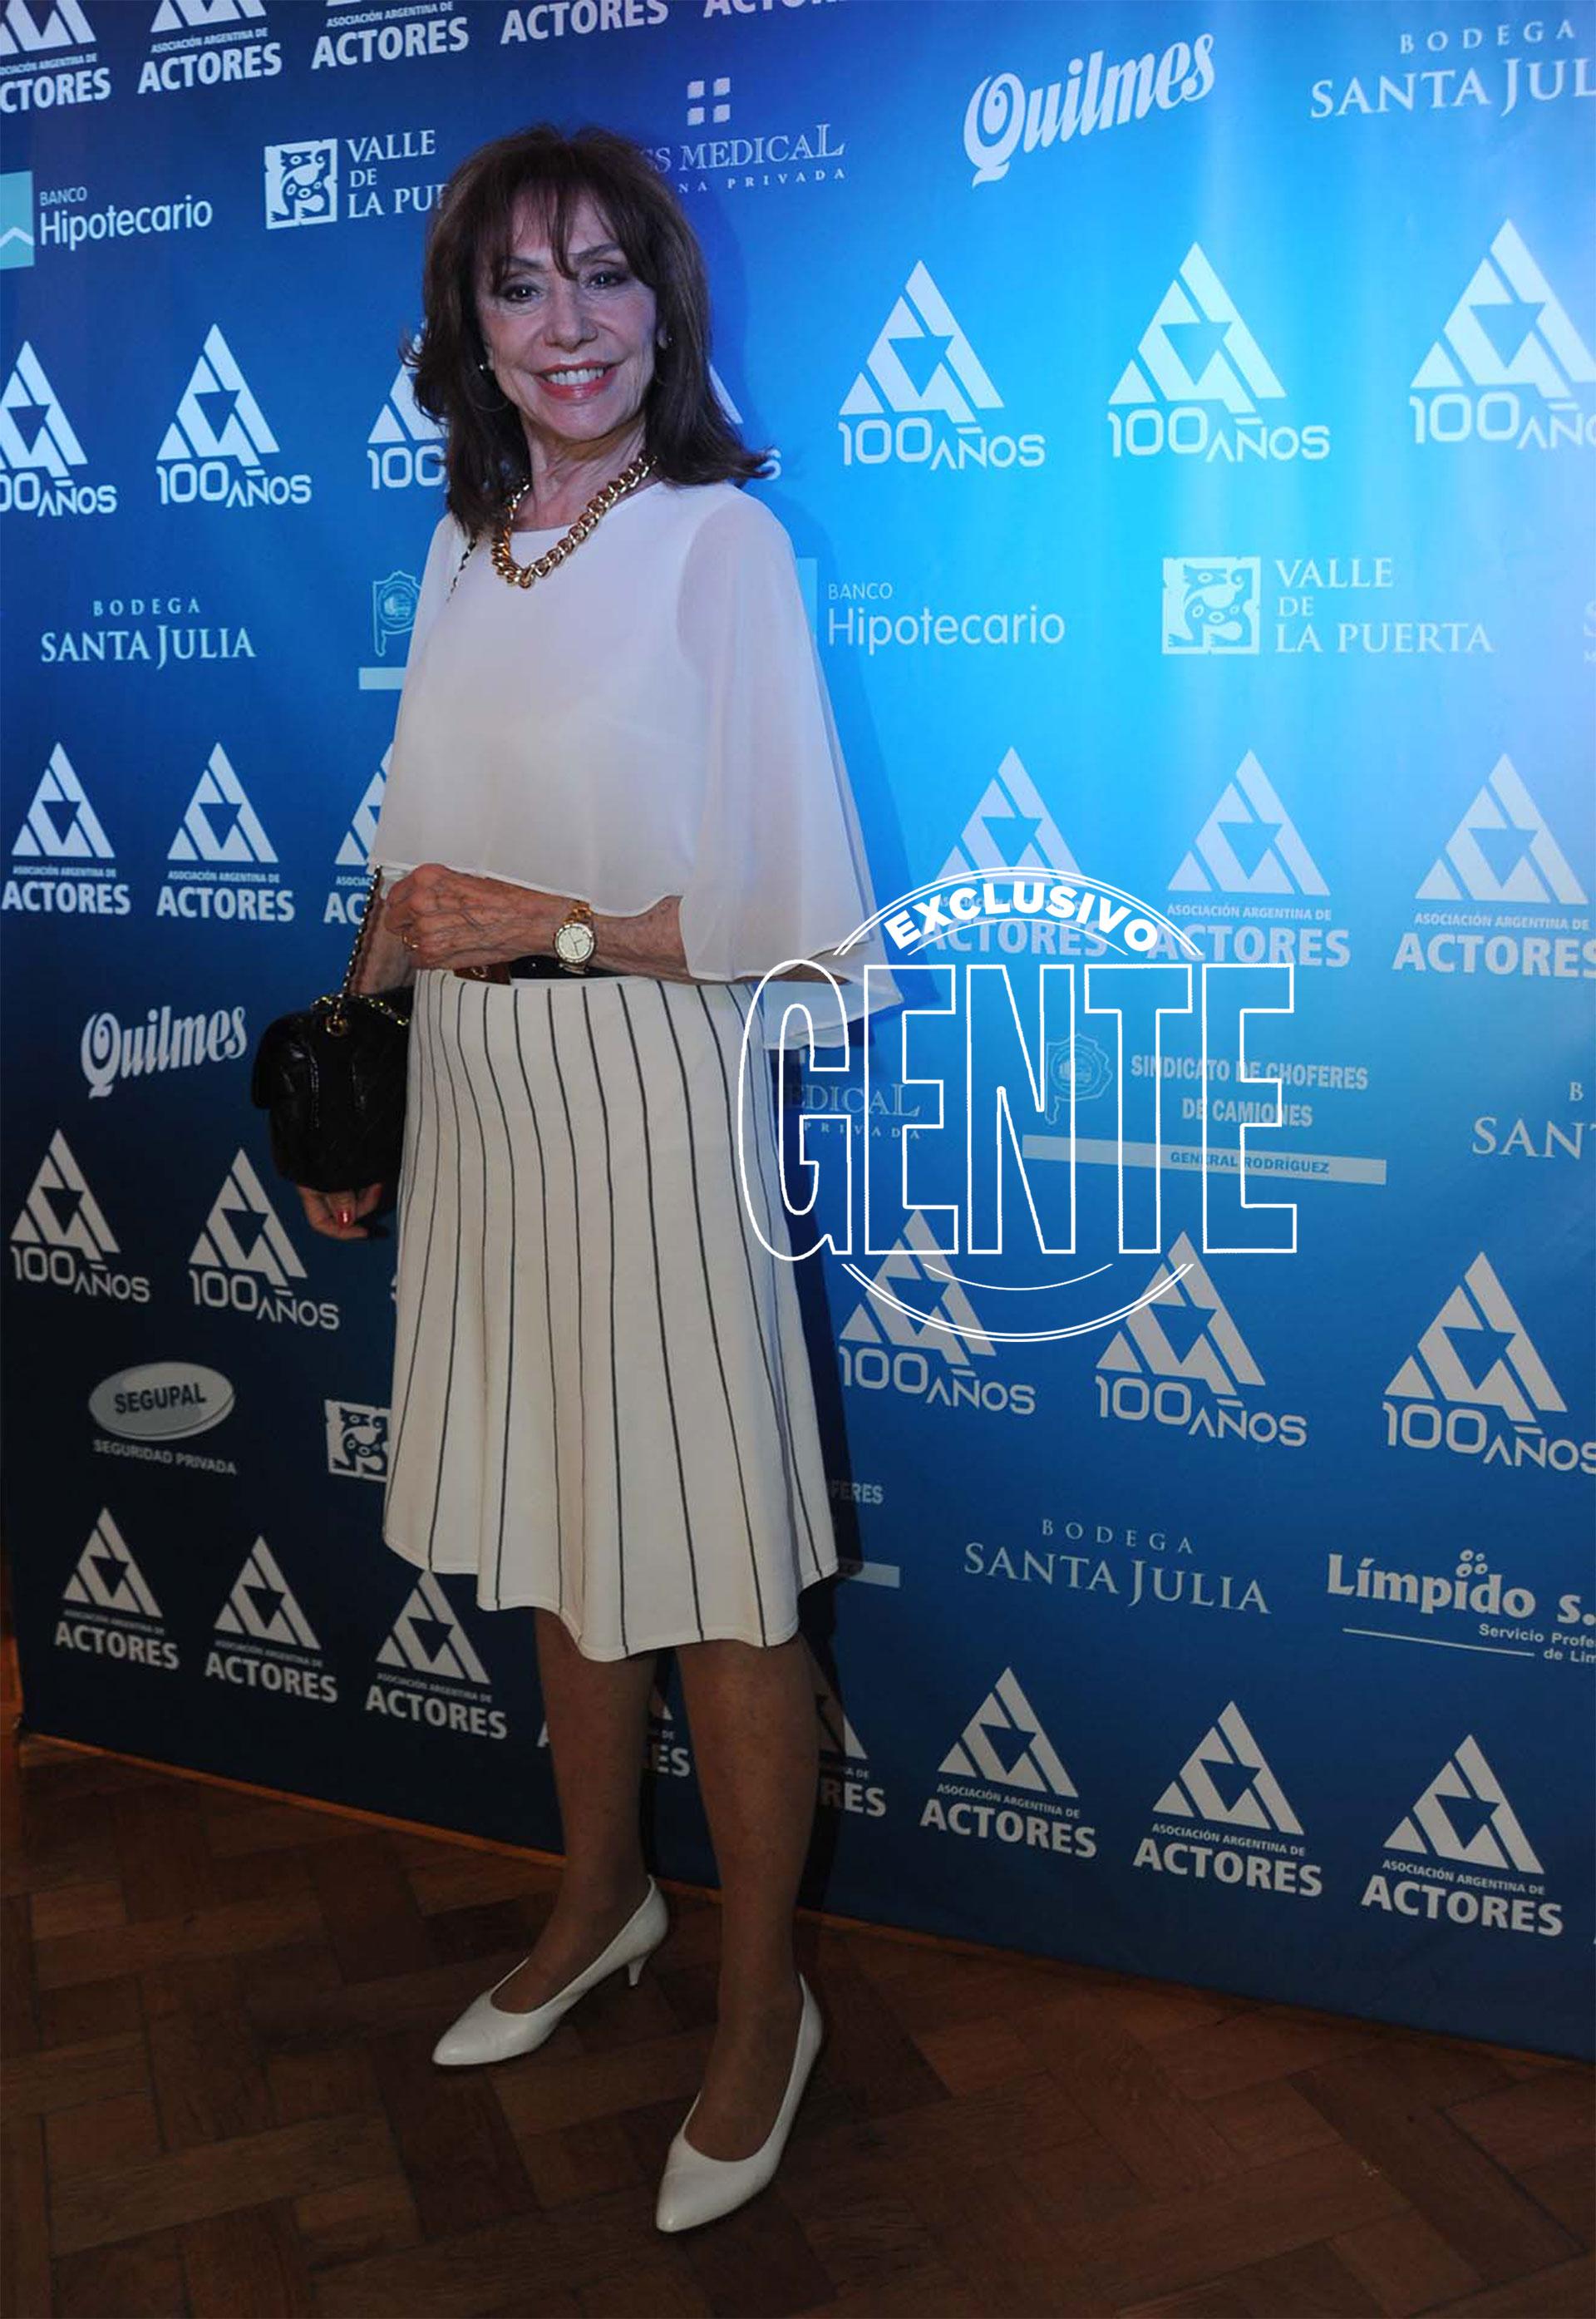 Martha Bianchi, otra de las grandes figuras que estuvieron en el festejo. Foto: Enrique García Medina/GENTE